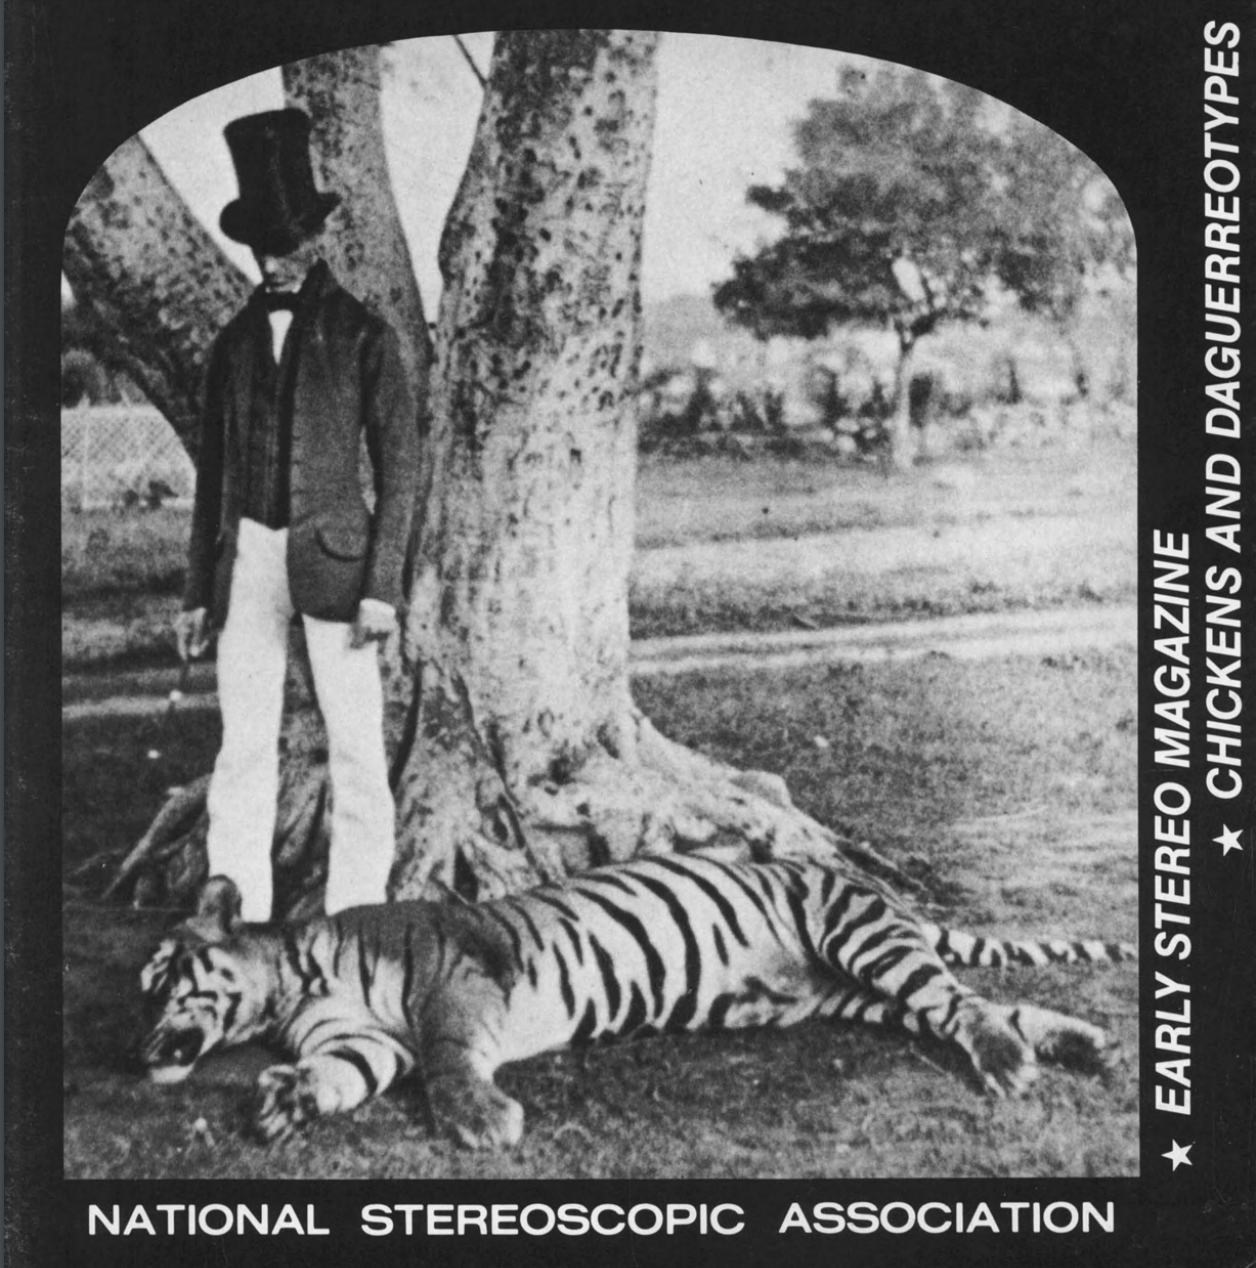 Az első kép, mely olyan személyt ábrázol, aki több mint száz tigrissel végzett<br />Fotó: Ismeretlen: Az indiai hadsereg angol veteránja a 101. leterített tigrissel, Hyderabad, India, 1865<br />Megjelent: The Stereoscopic Magazine, Vol. 5, 1865